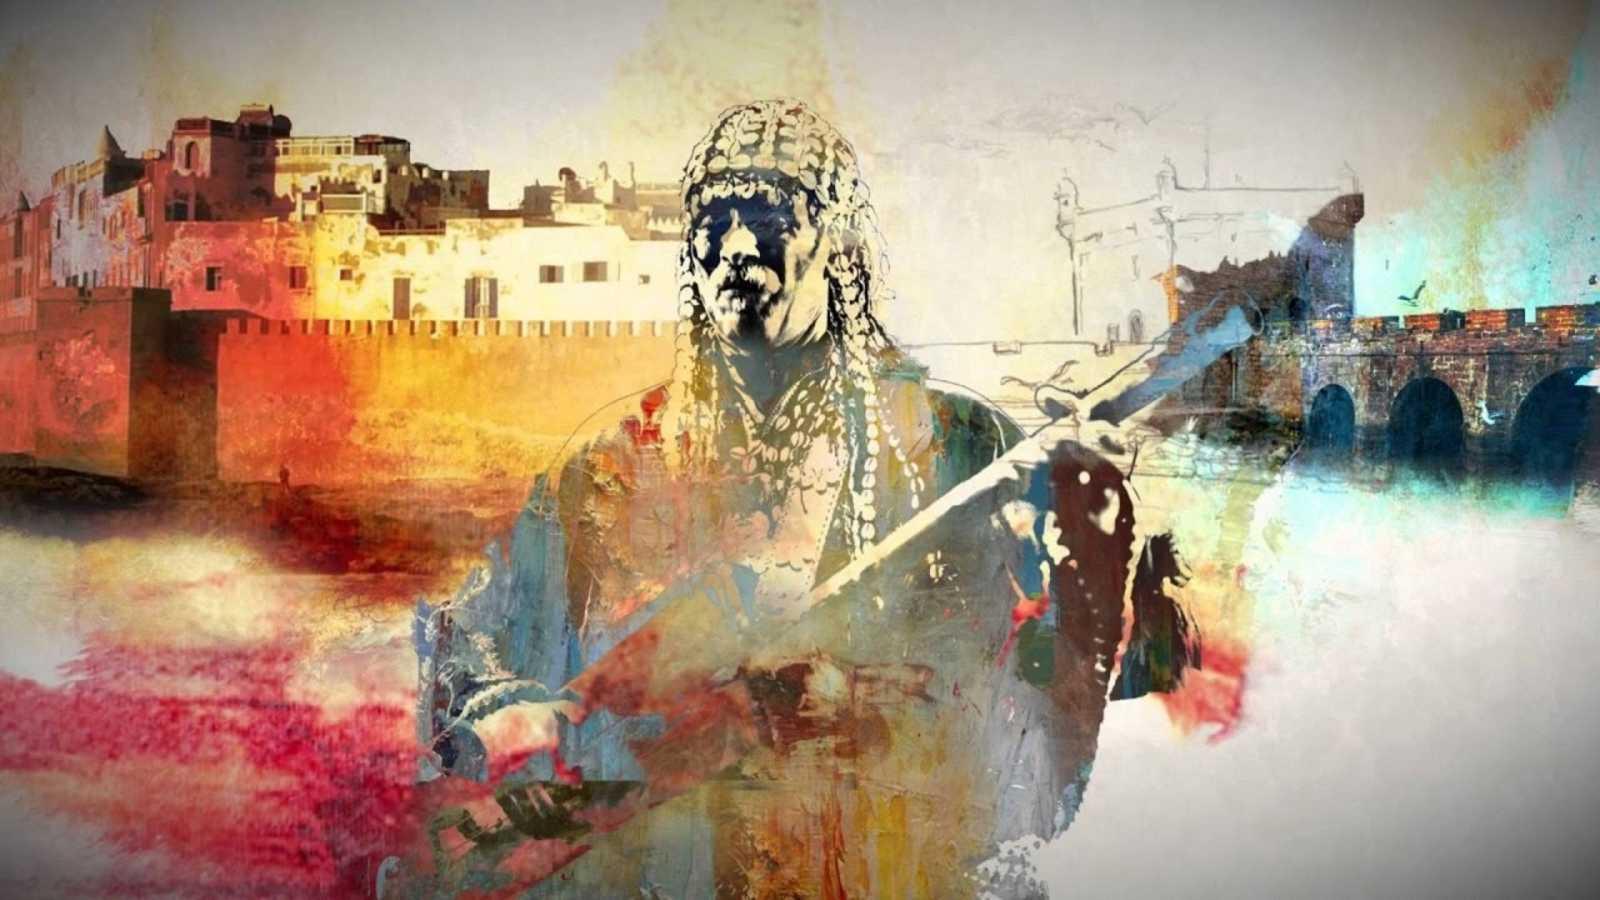 Tapiz sonoro - Gnawa, la música más negra de Marruecos - 26/11/20 - escuchar ahora